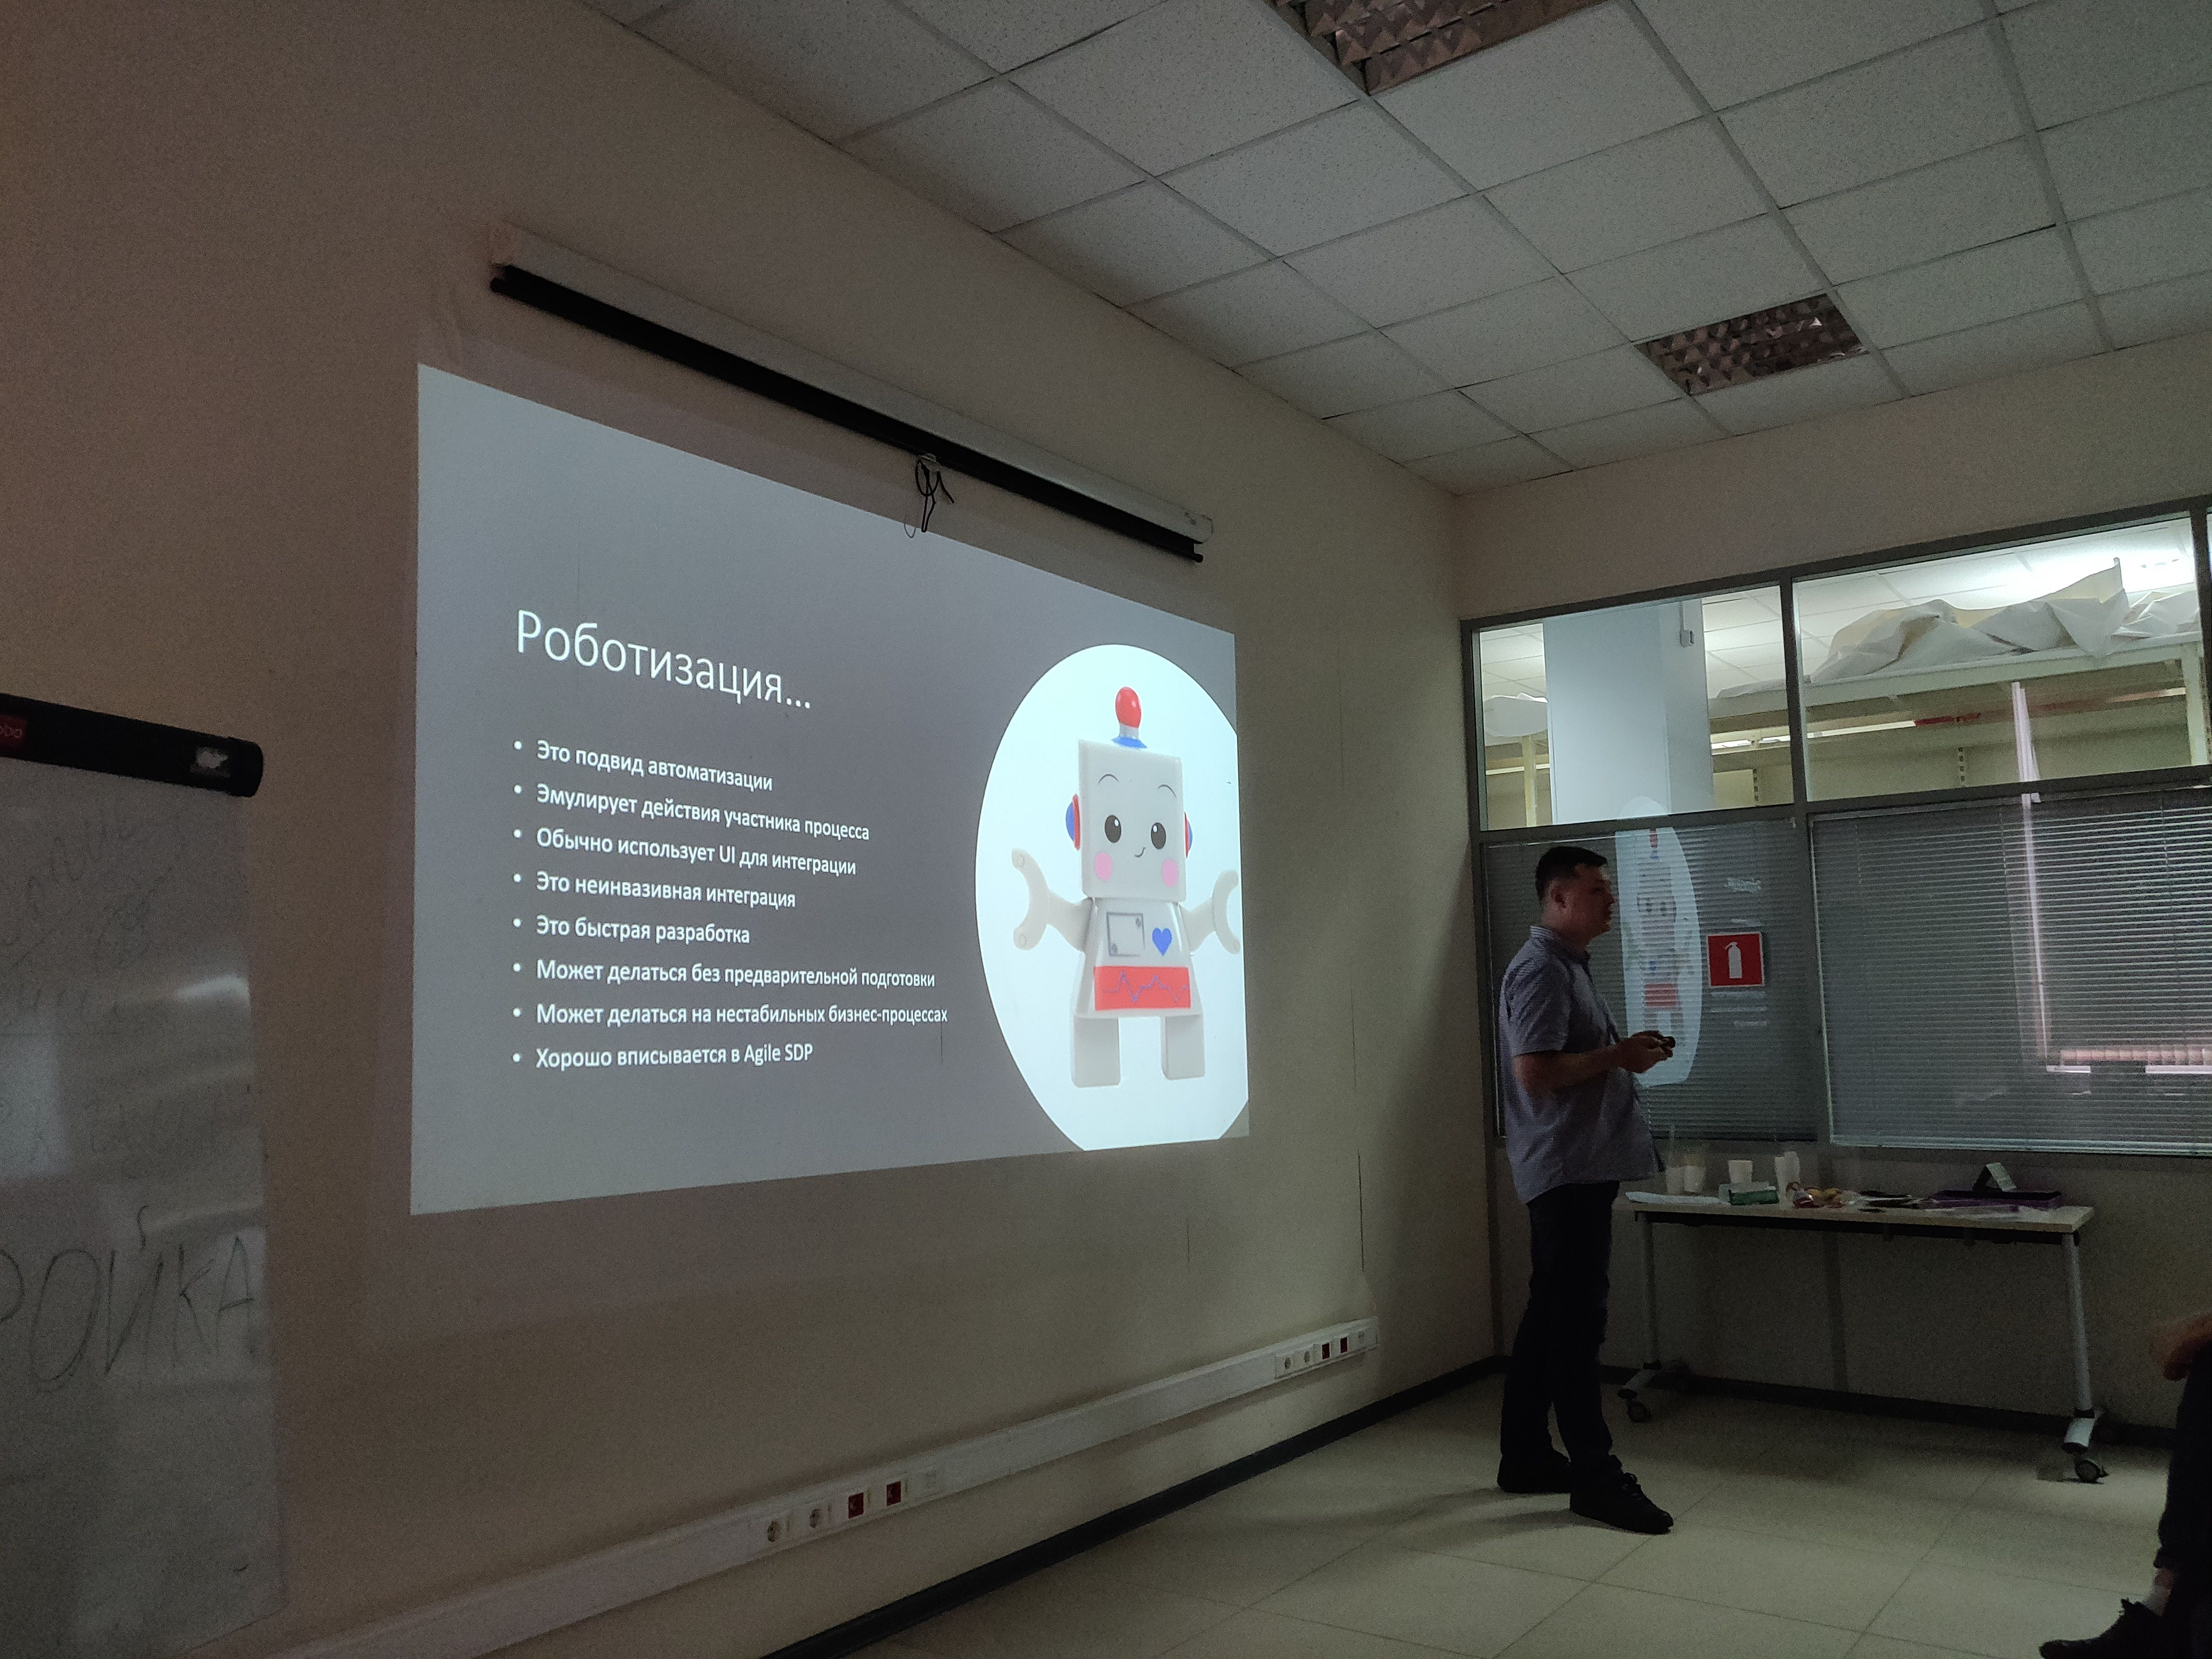 Роботизация бизнес-процессов